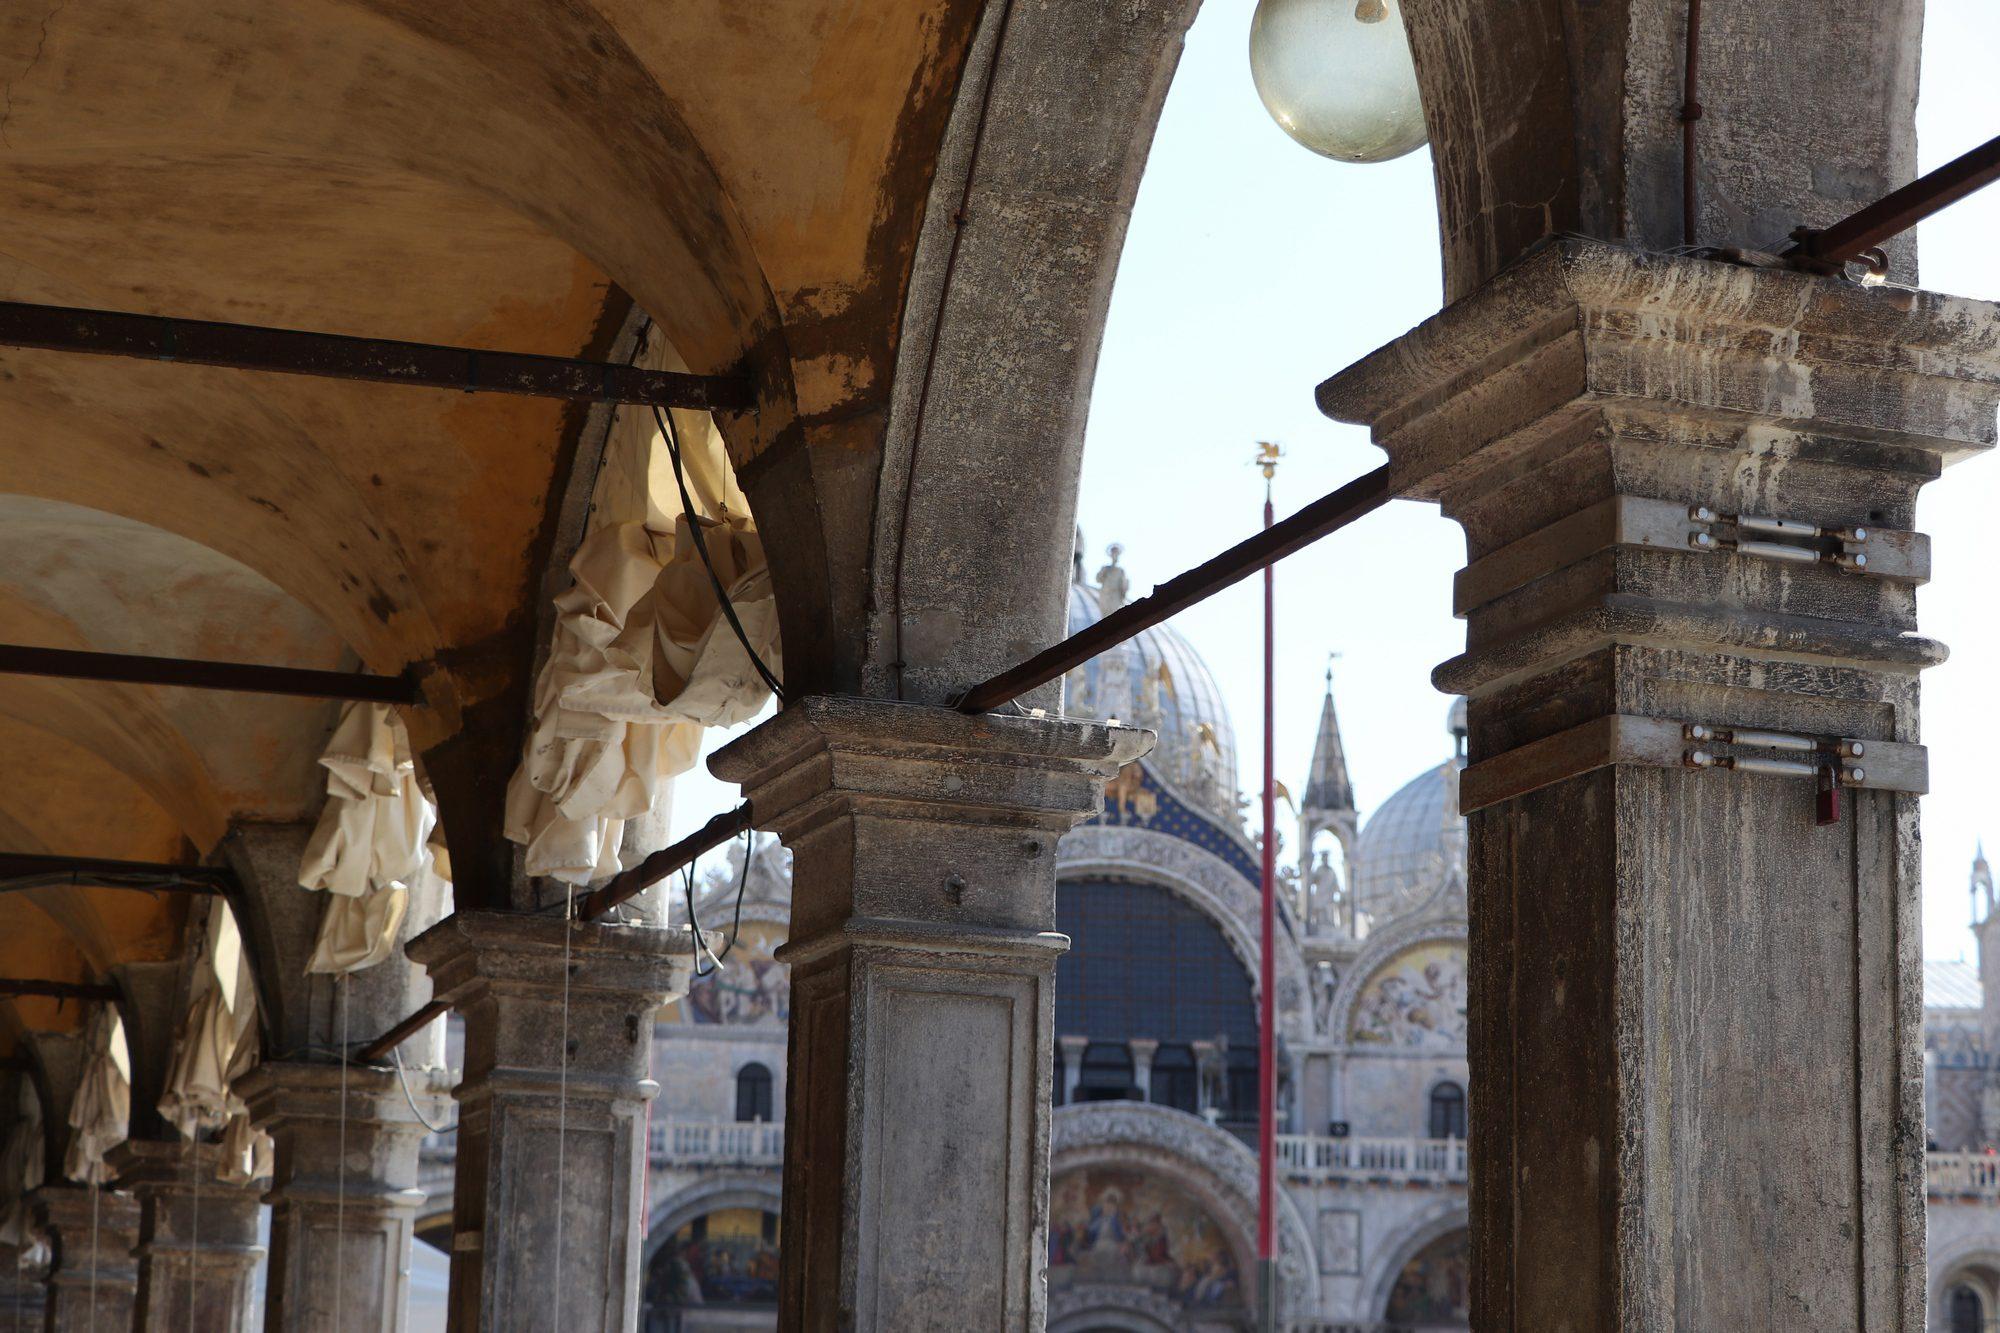 Arkadengänge am Markusplatz in Venedig